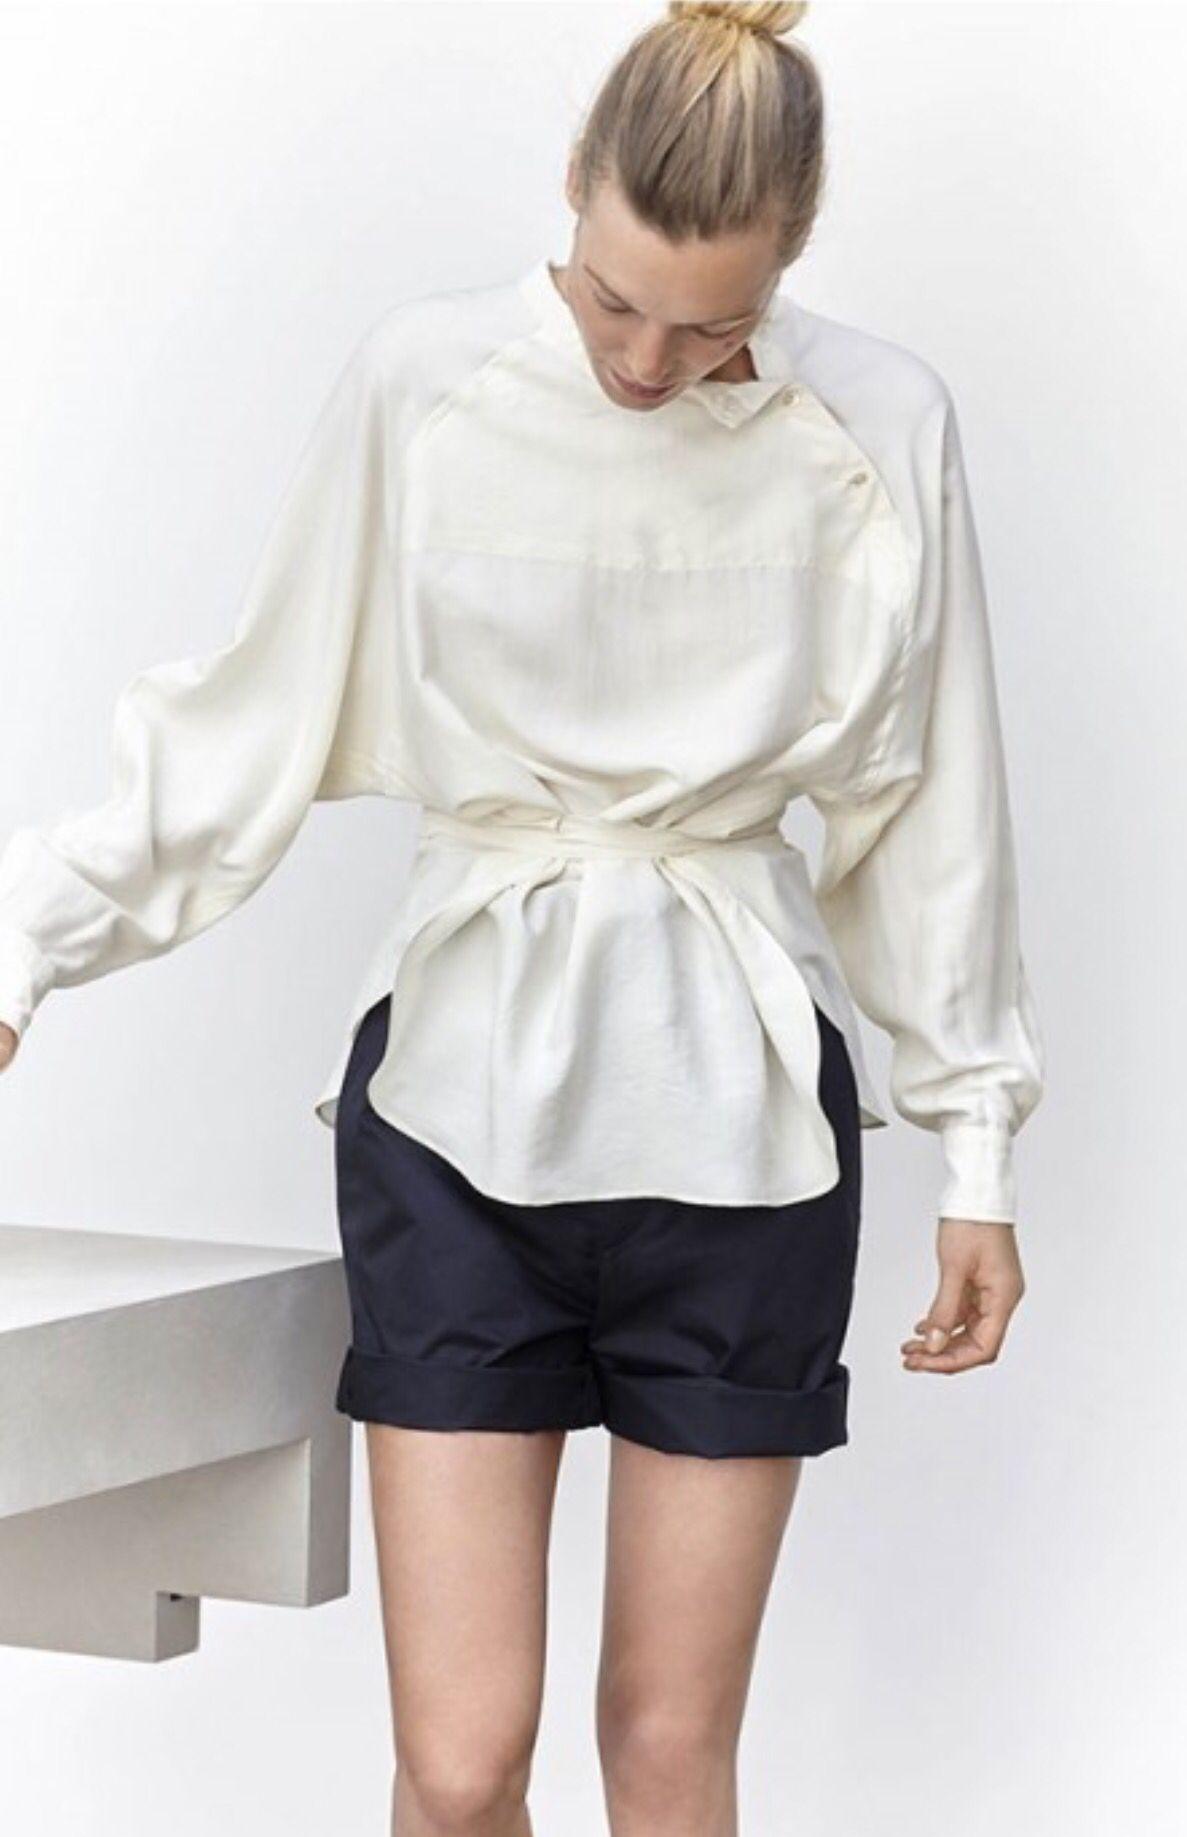 Isabel Marant S/S 2016 #style #fashion #shorts